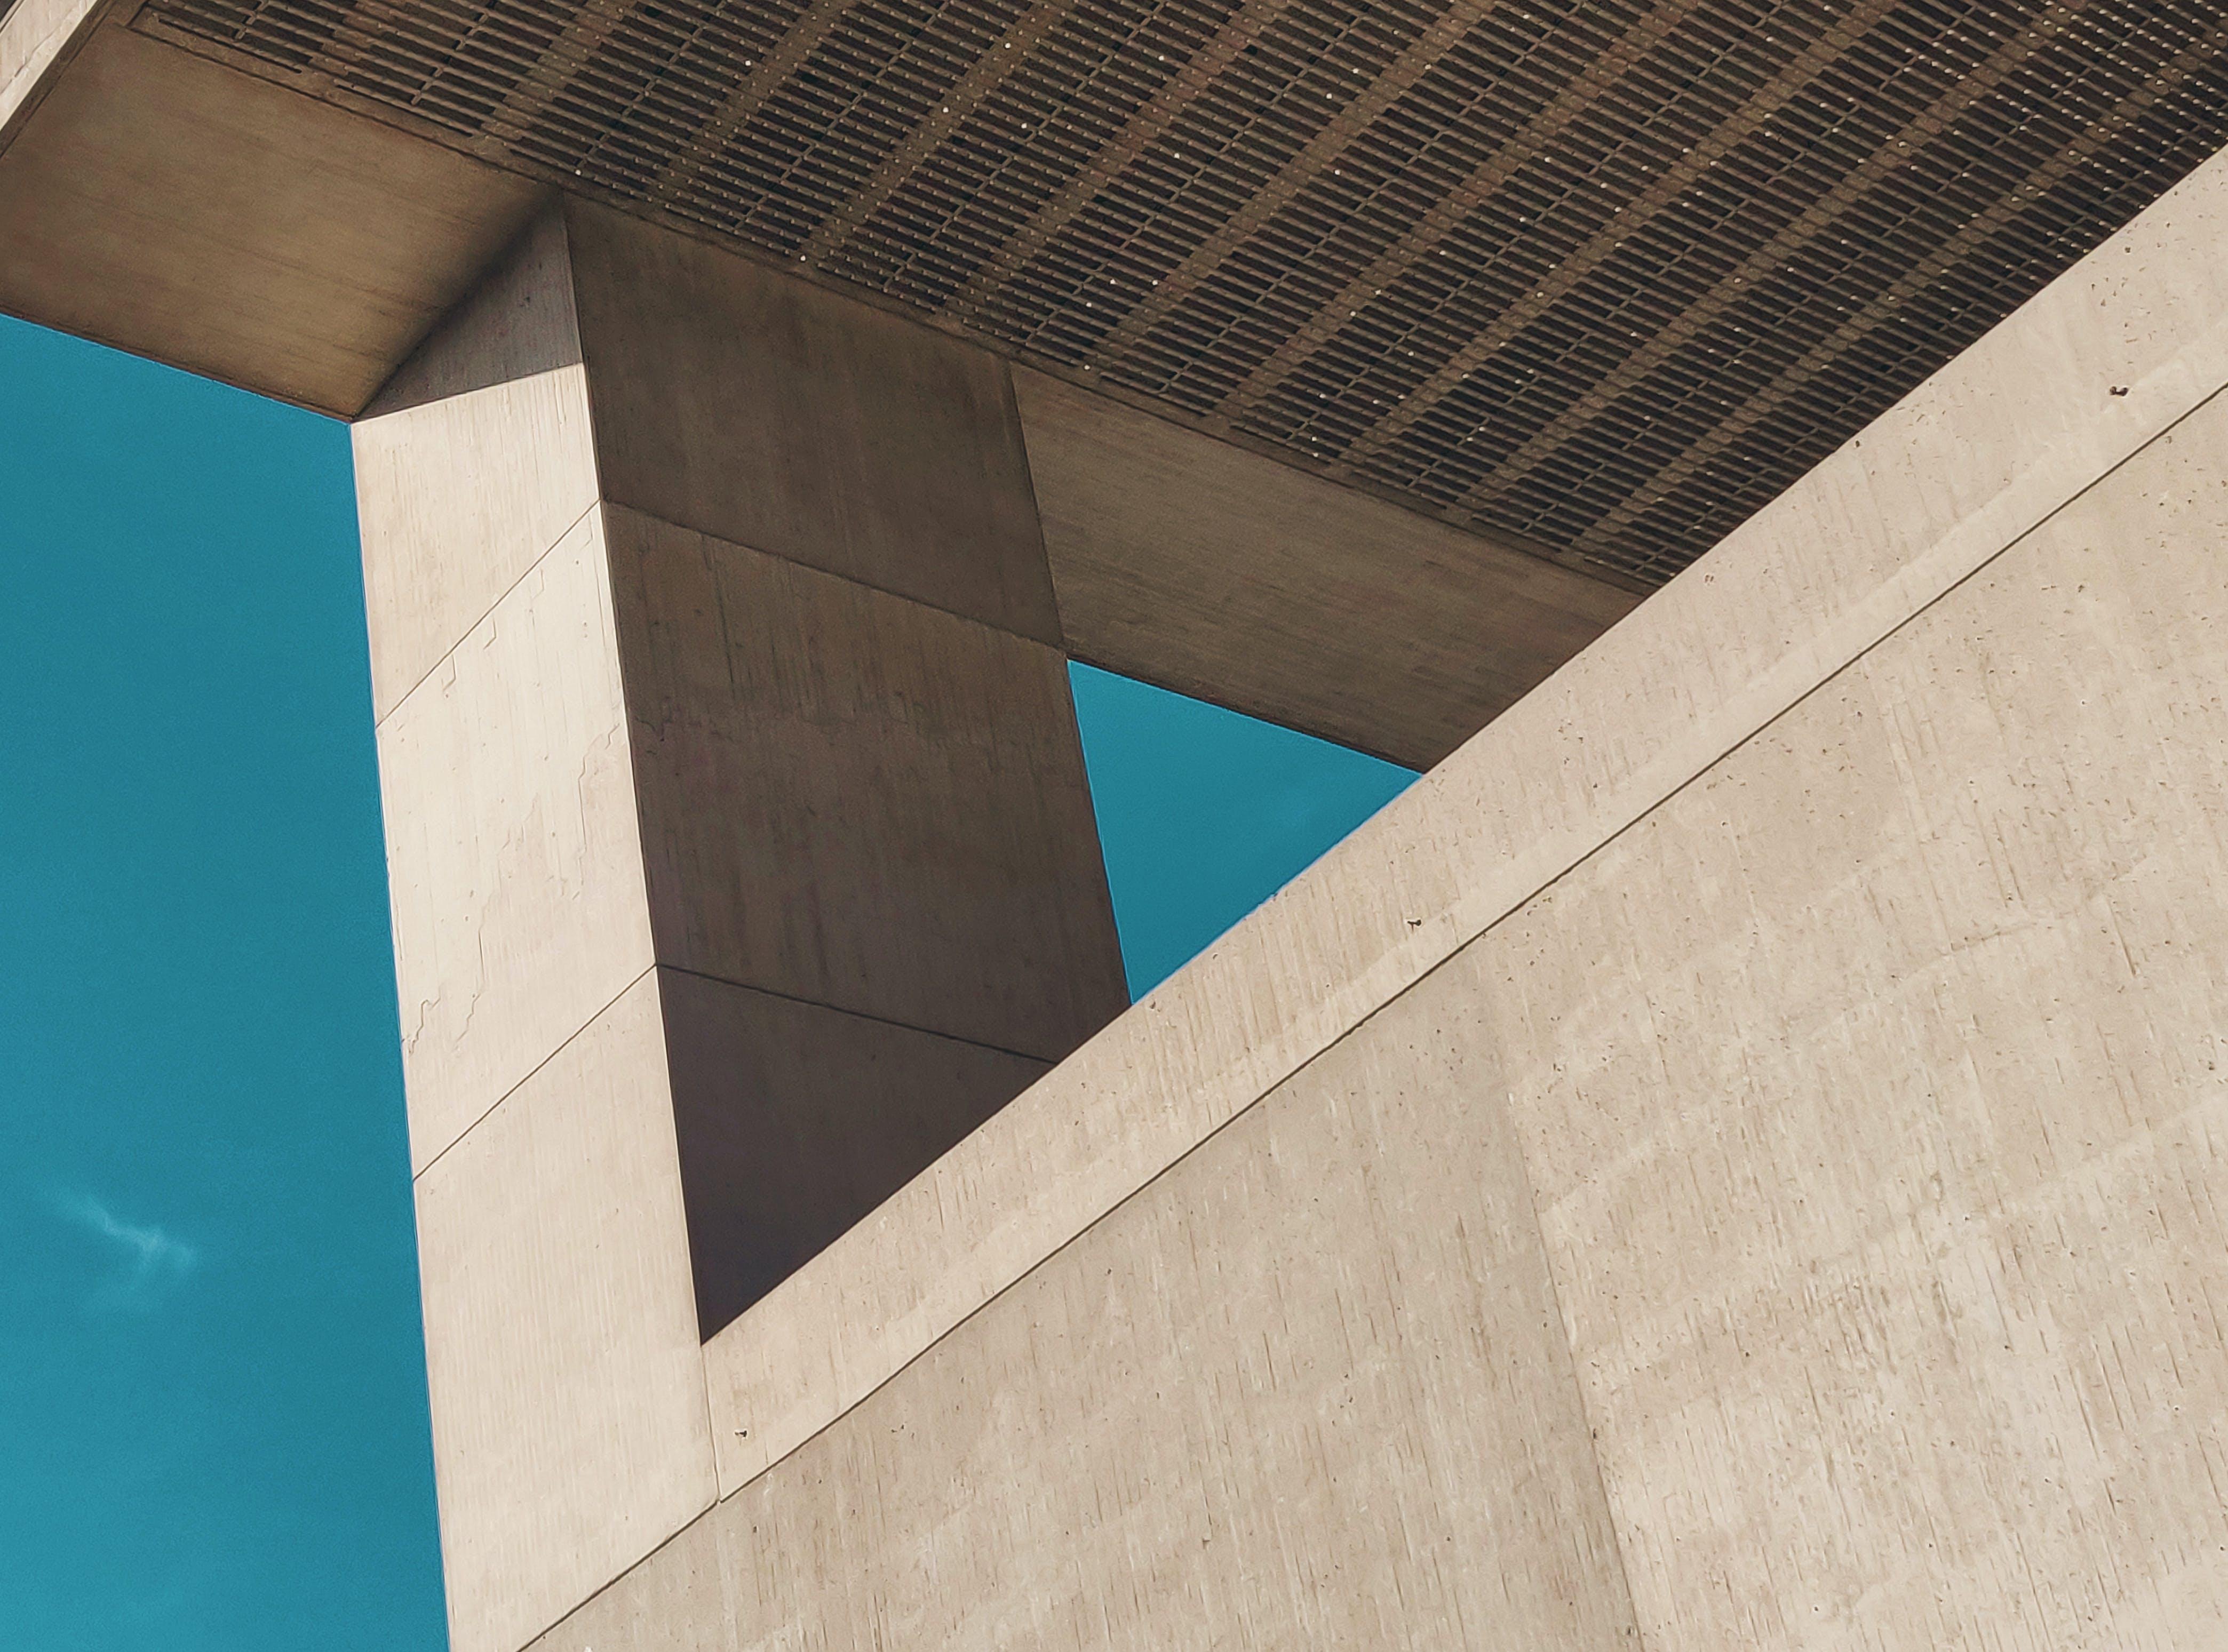 beton, bina, bina cephesi, çağdaş içeren Ücretsiz stok fotoğraf